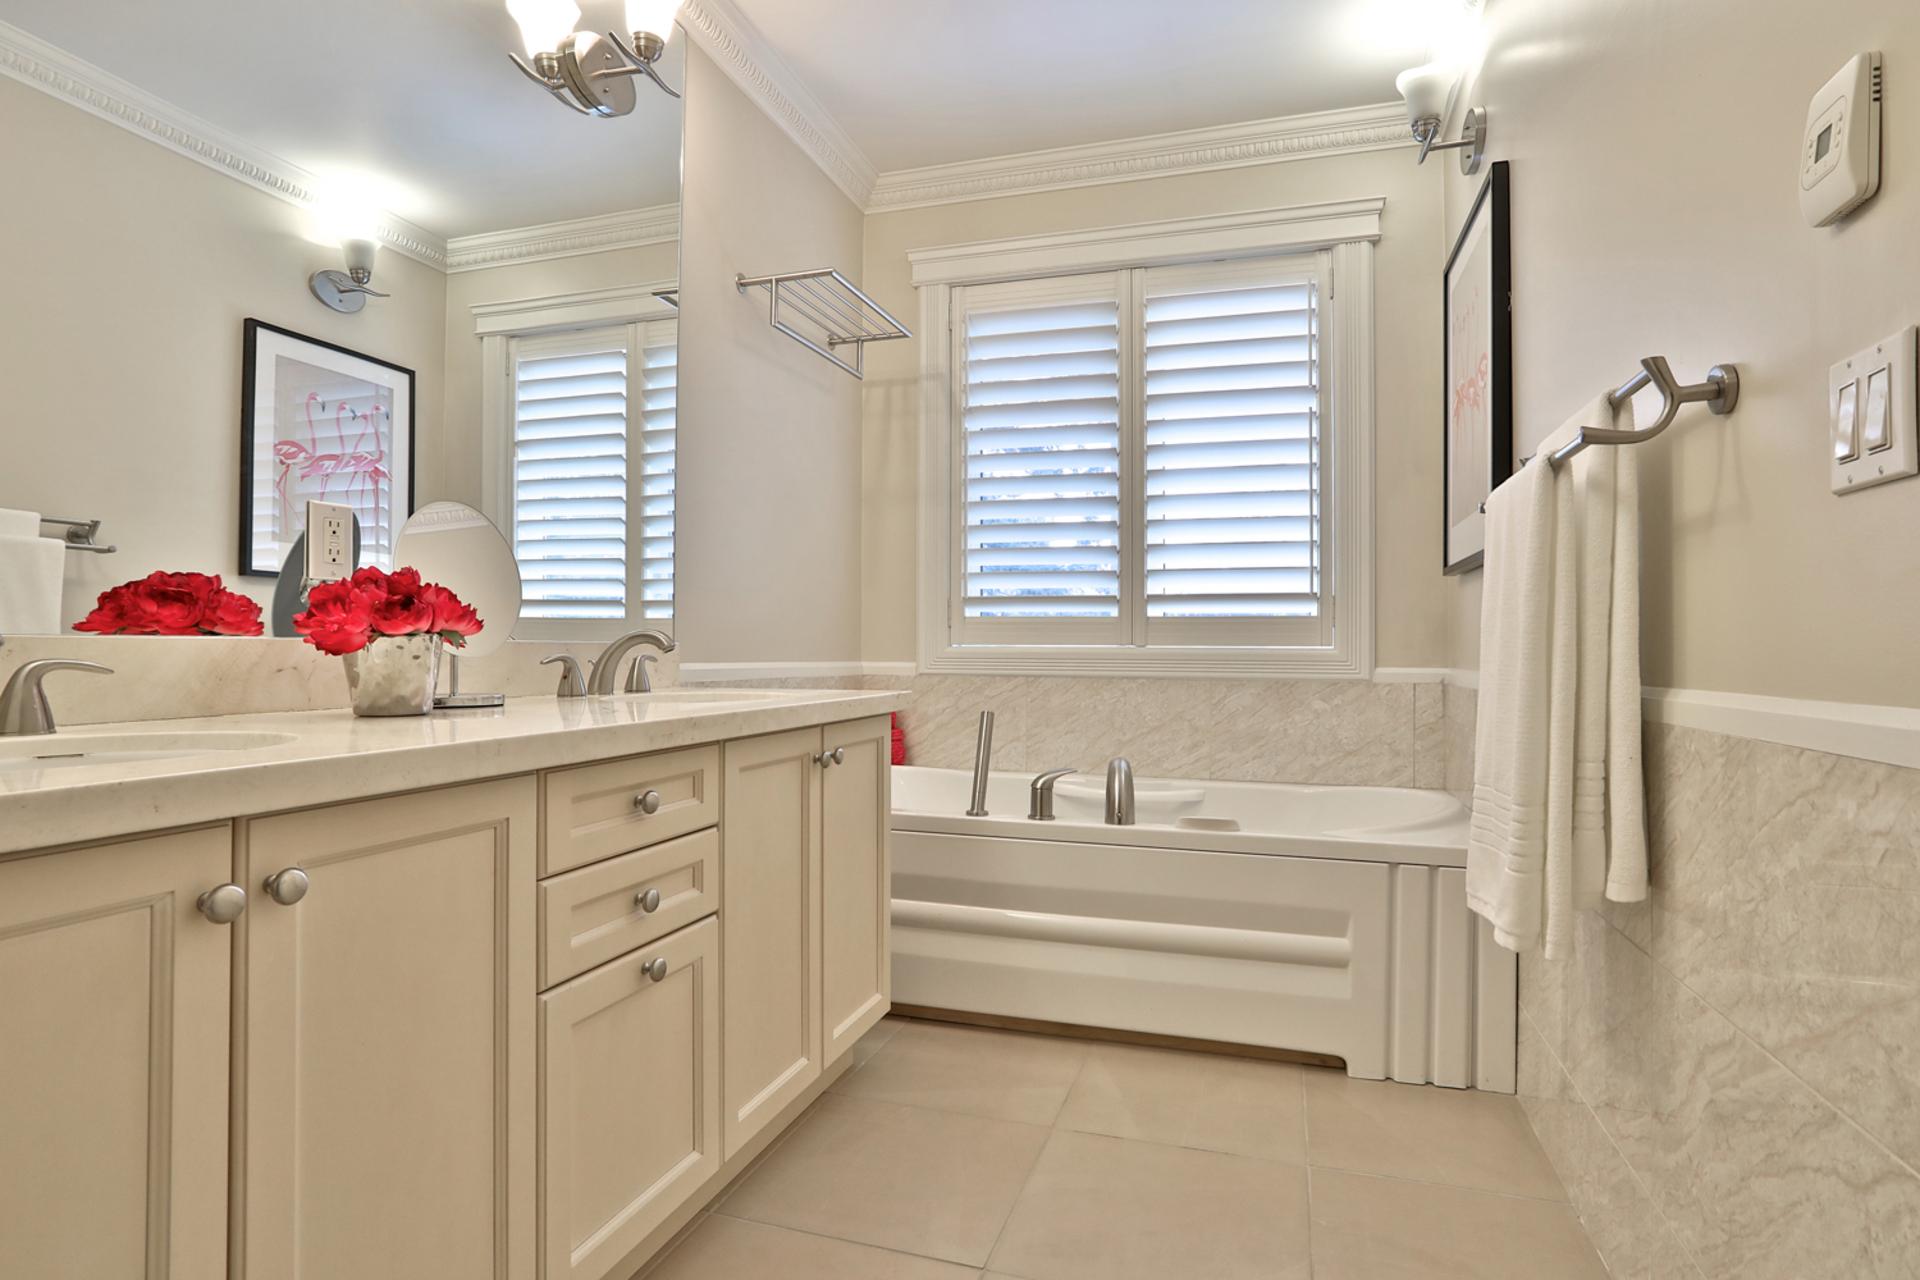 5 Piece Ensuite Bathroom at 54 Unsworth Avenue, Lawrence Park North, Toronto